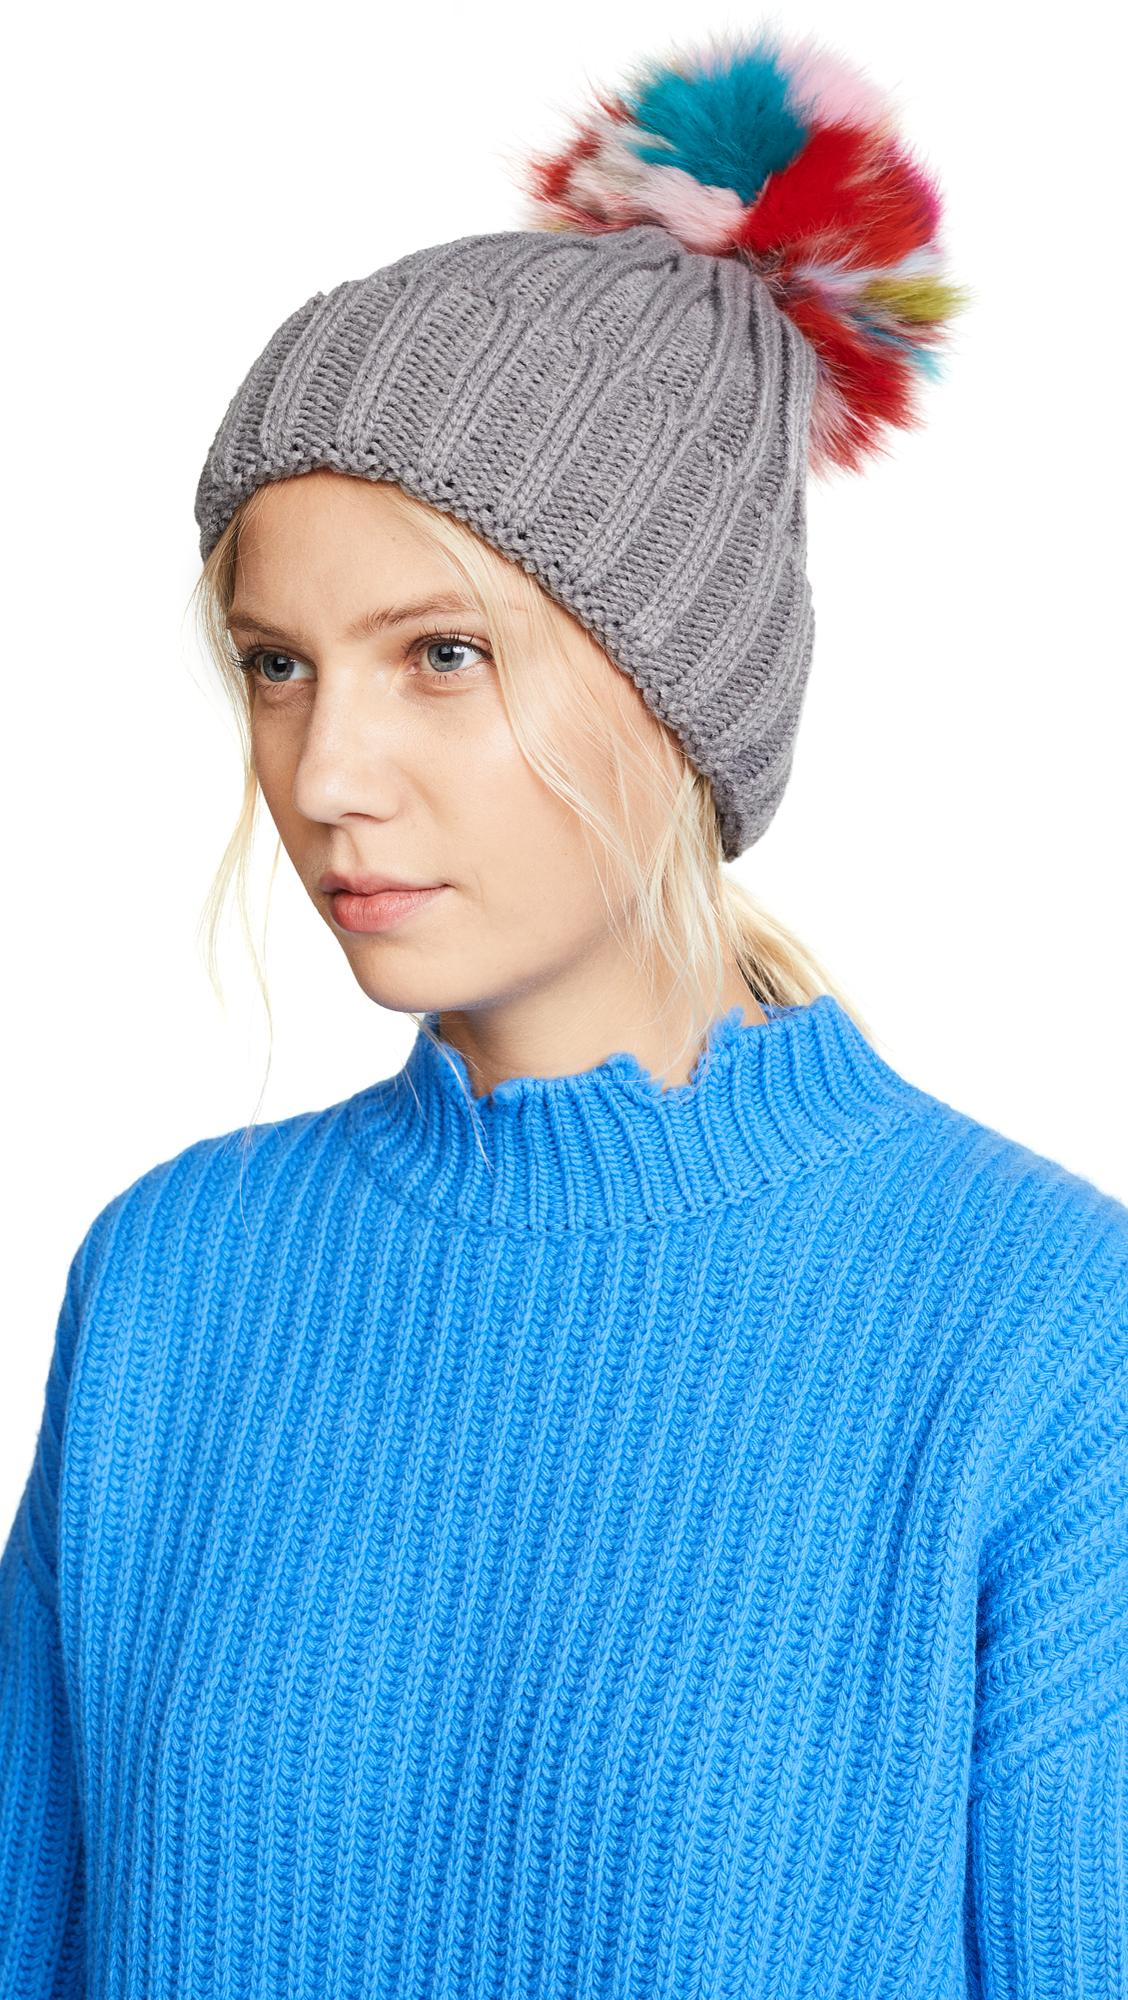 Jocelyn Knit Beanie Pom Hat - Grey/Light Multi